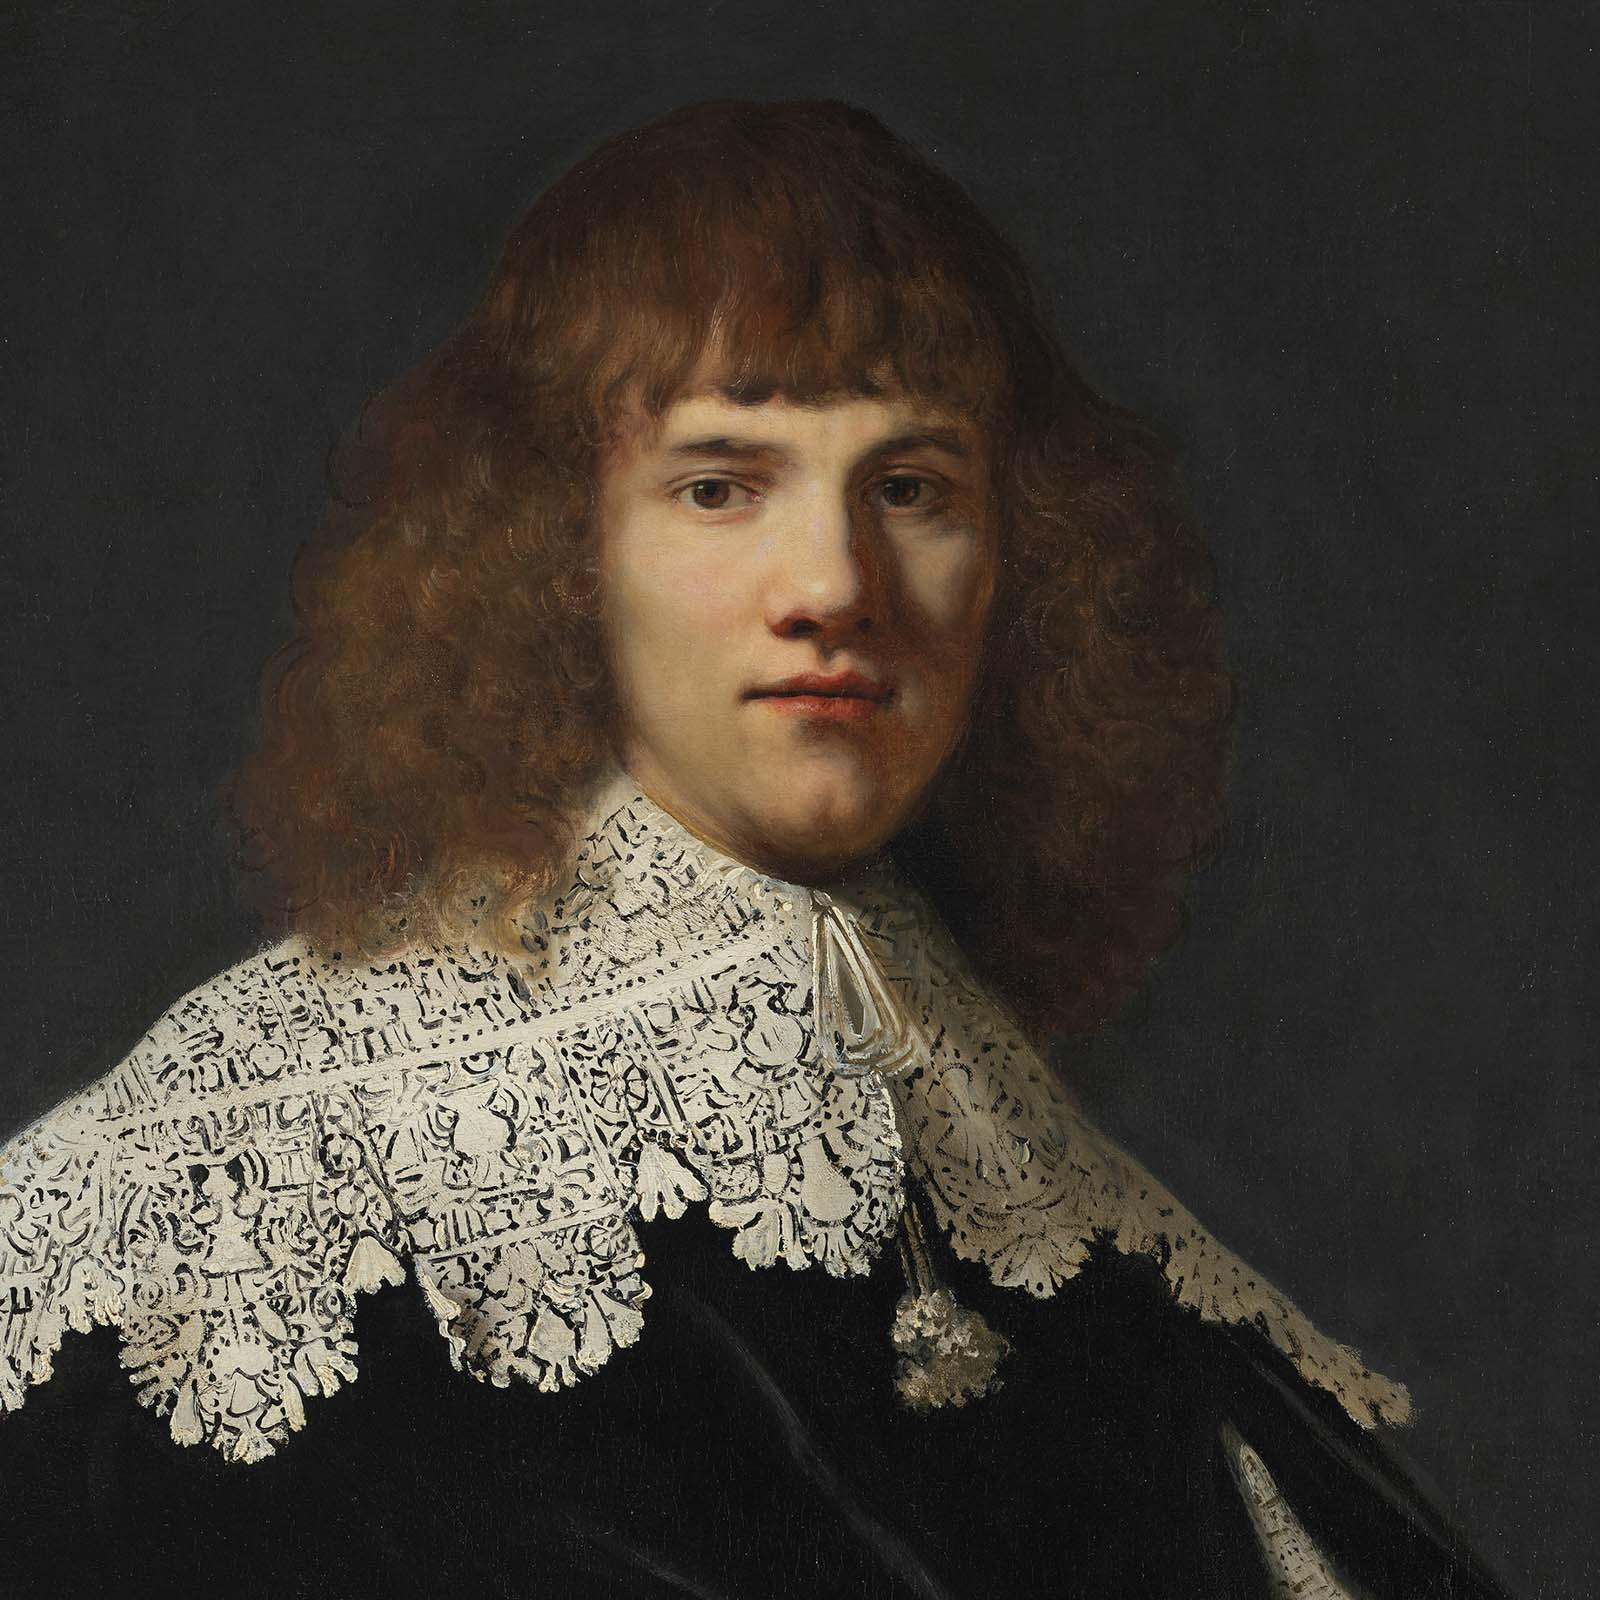 kunstonderzoek portret van jonge man rembrandt jan six © René S. Gerritsen.jpg